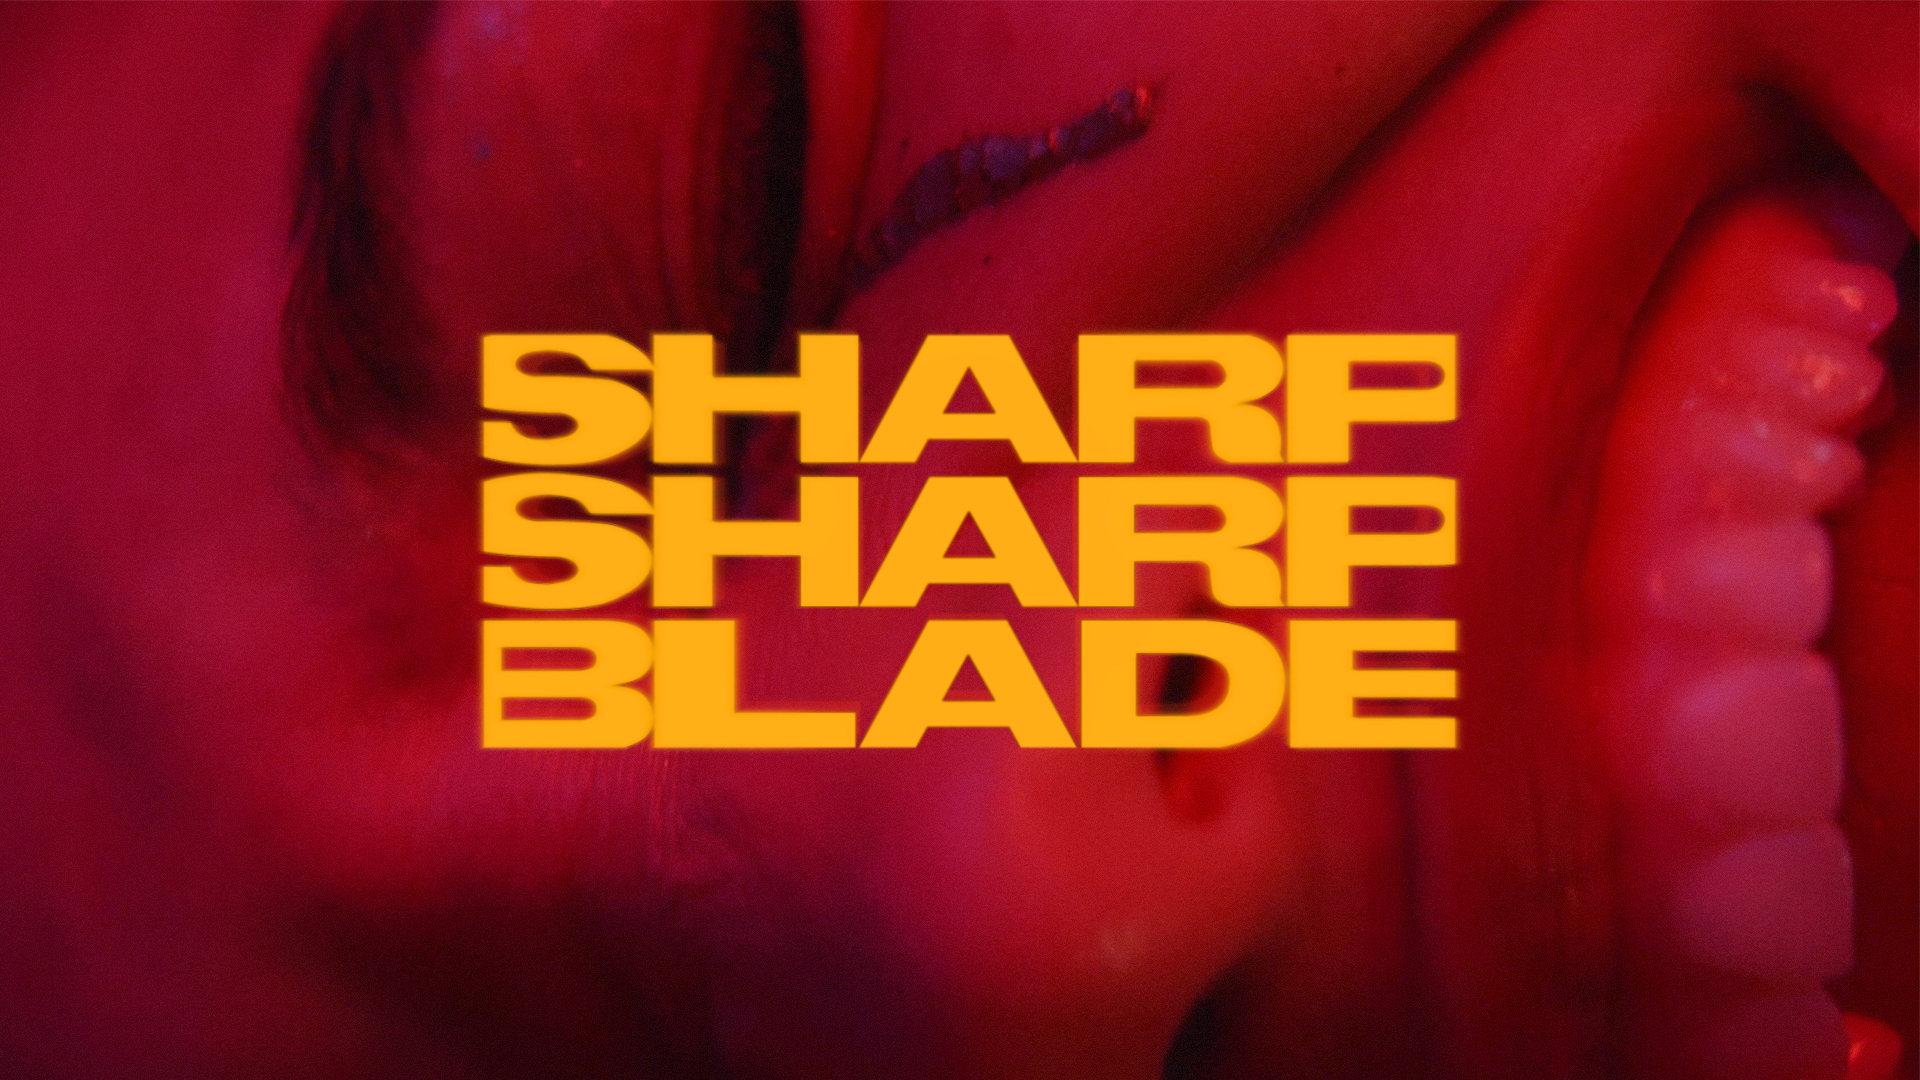 SHARP, SHARP BLADE